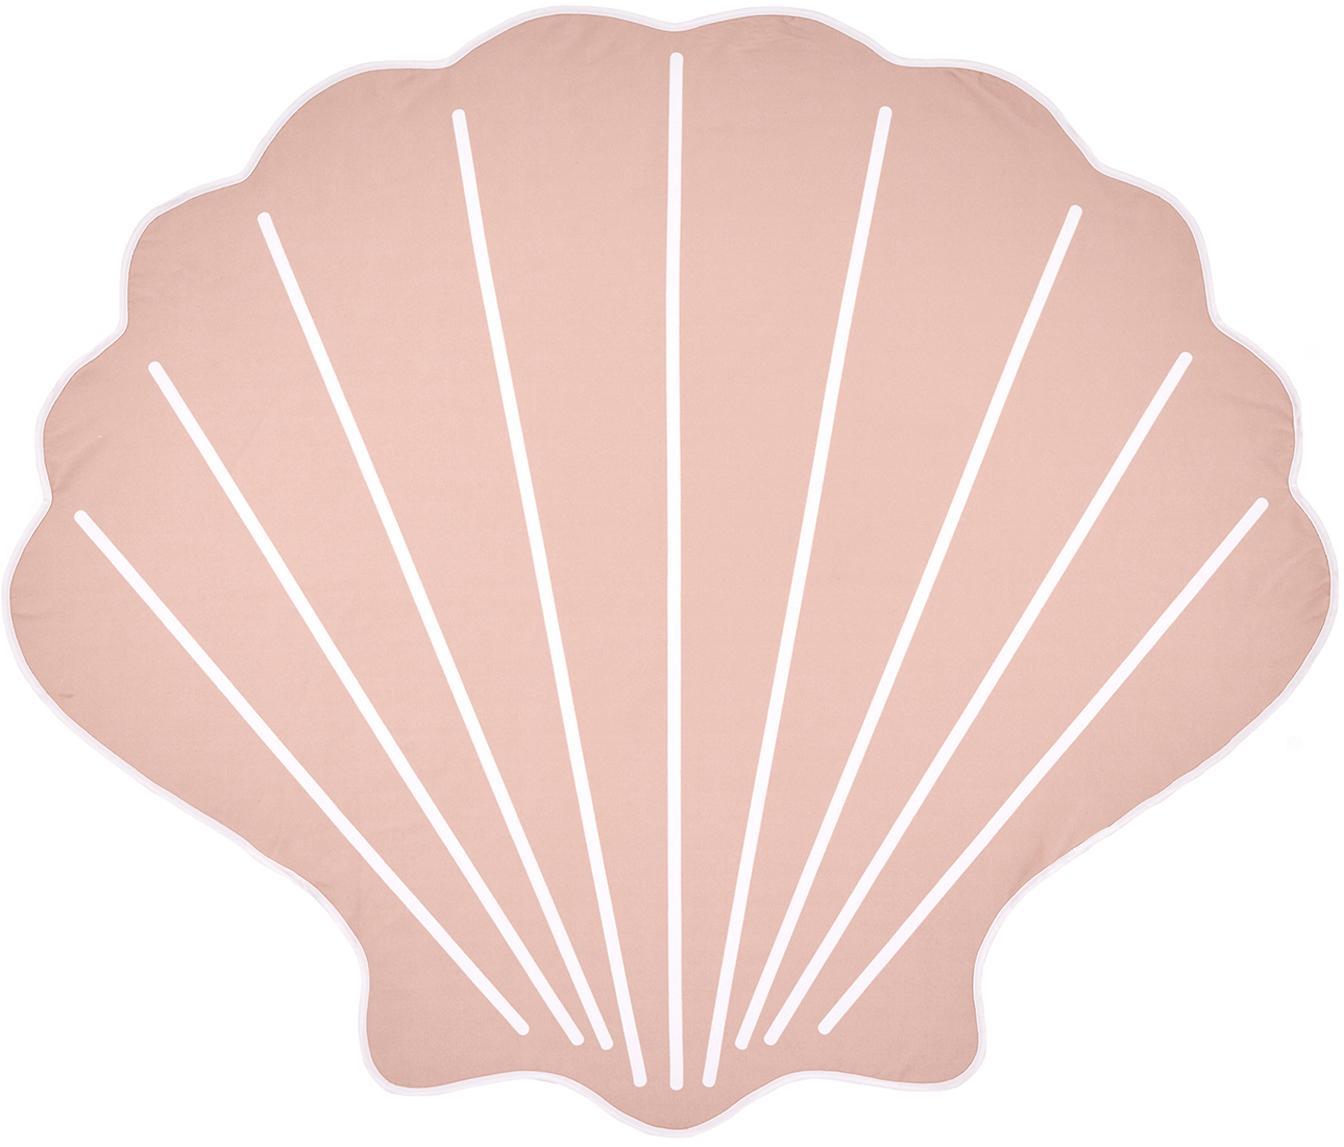 Strandtuch Shelly in Muschelform, 55% Polyester, 45% Baumwolle Sehr leichte Qualität 340 g/m², Rosa, Weiss, 150 x 130 cm